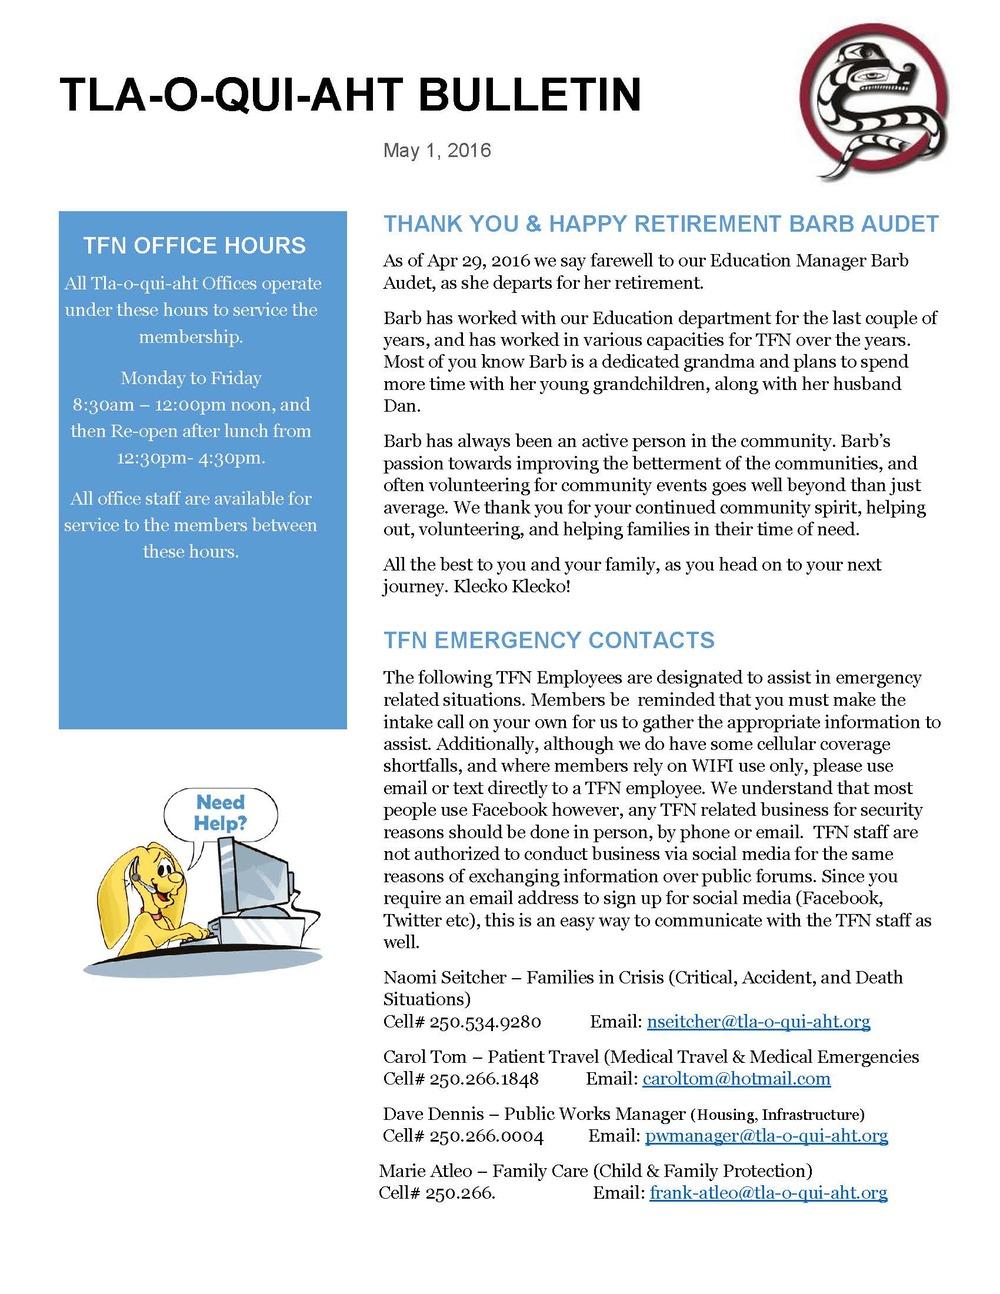 TFN Bulletin May 1-2016 (2)_Page_1.jpg